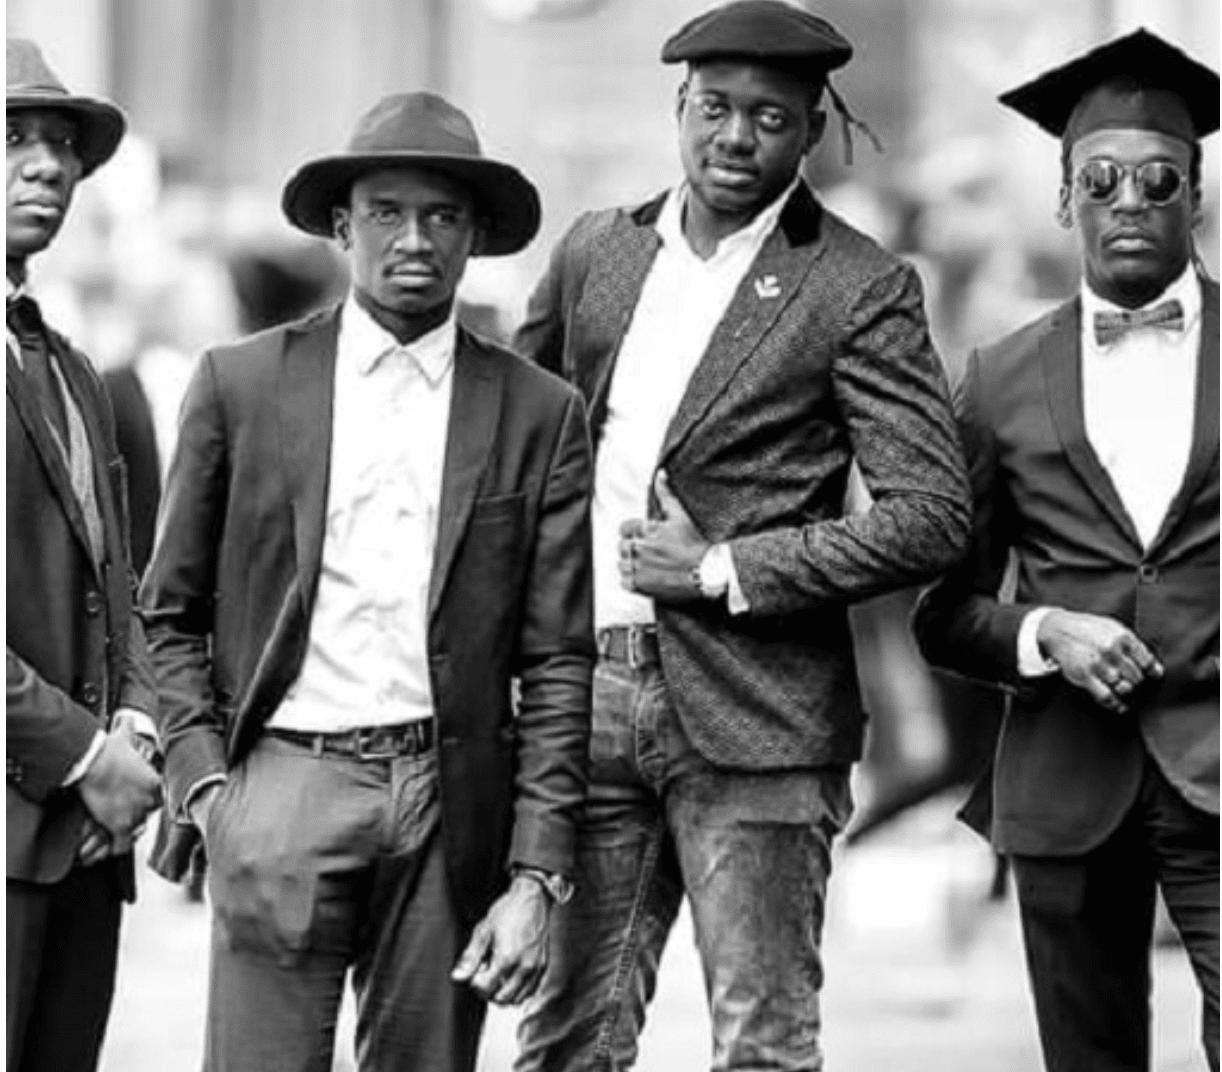 RÉSEAUX SOCIAUX : BLACK AND WHITE CHALLENGE, LE DÉFI QUI A AMBIANCÉ TWITTER 237